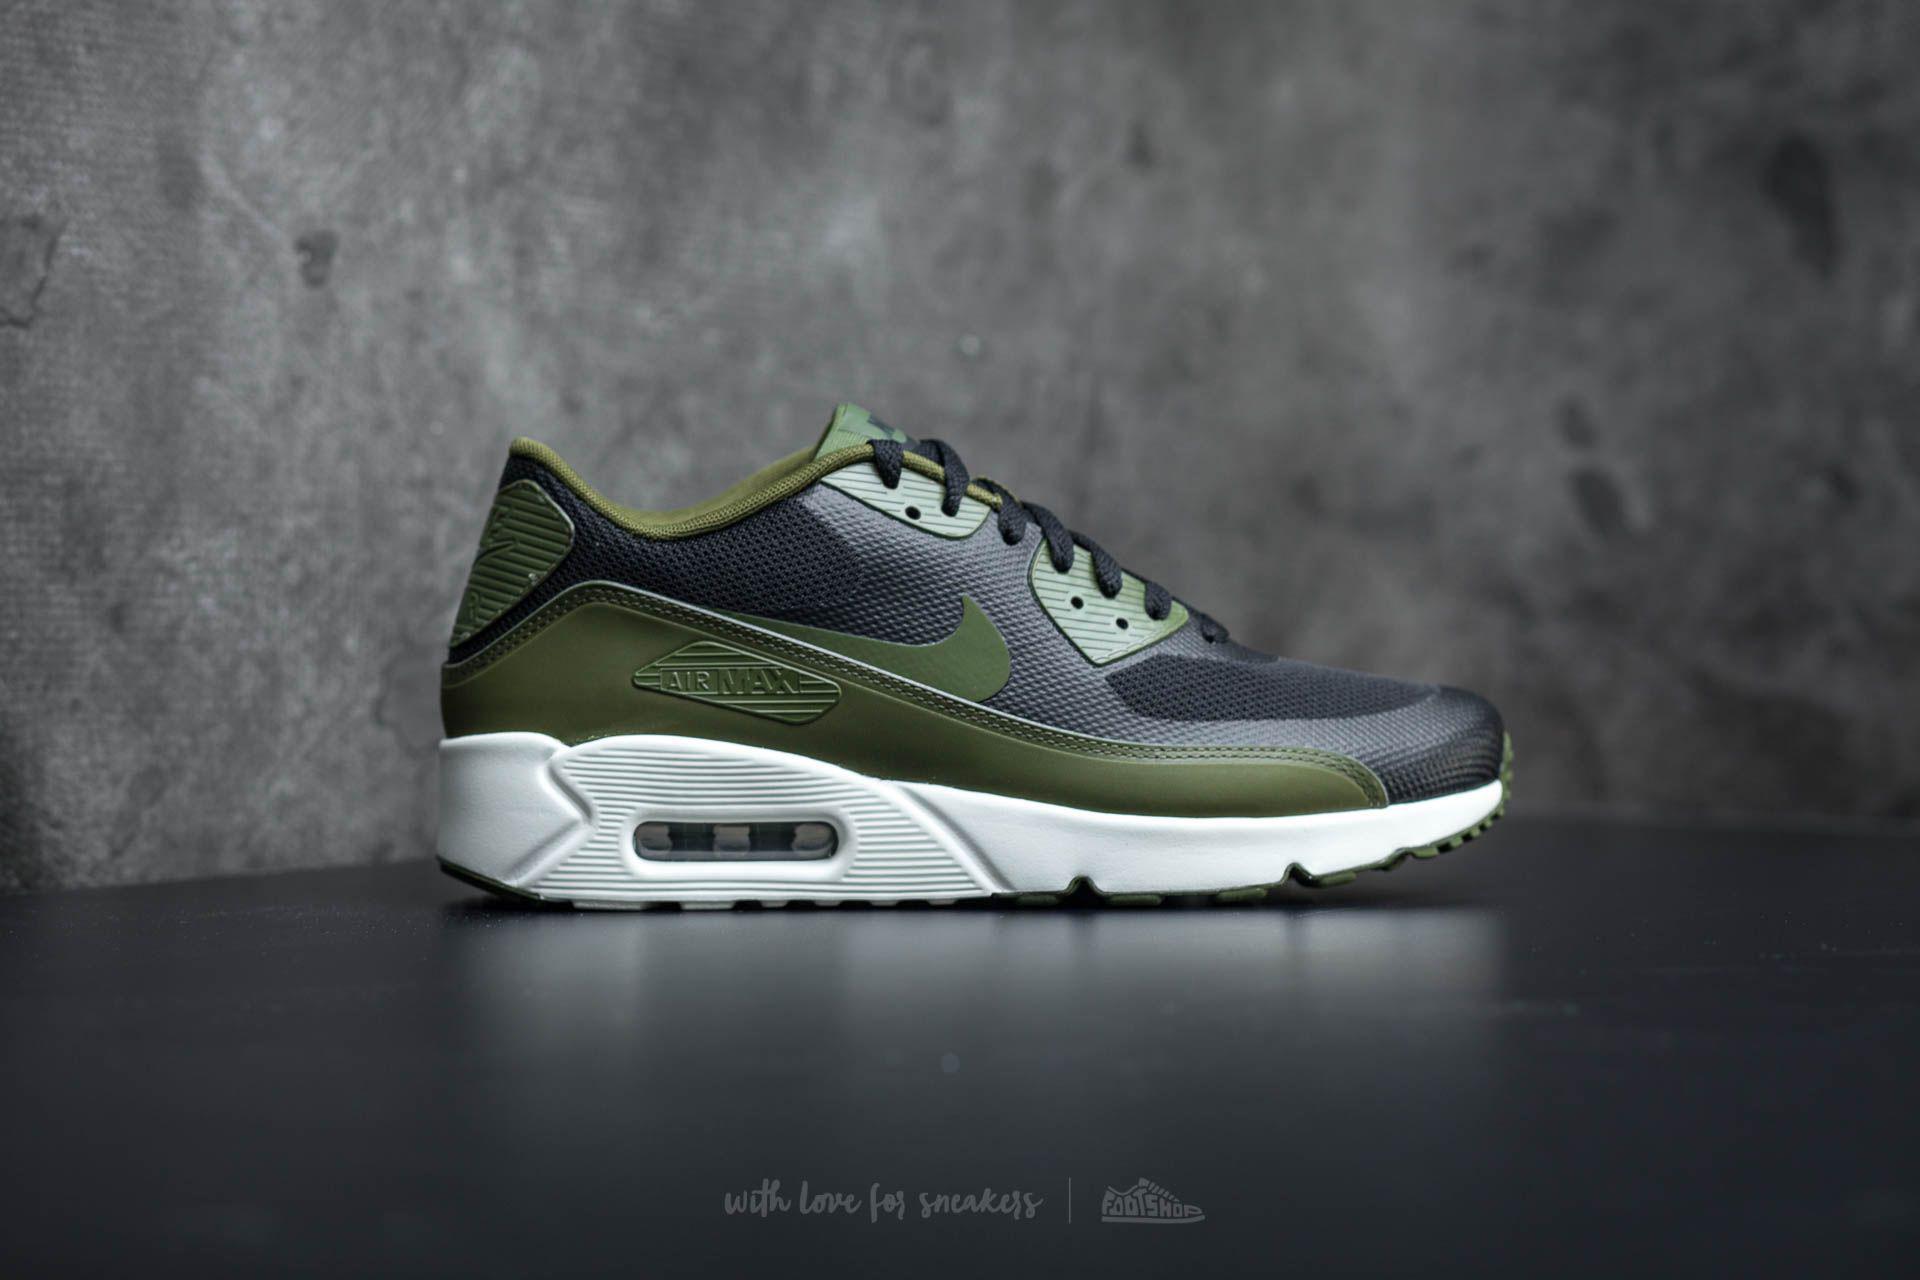 Lyst - Nike Air Max 90 Ultra 2.0 Essential Black  Legion Green-sail ... 8cf058475